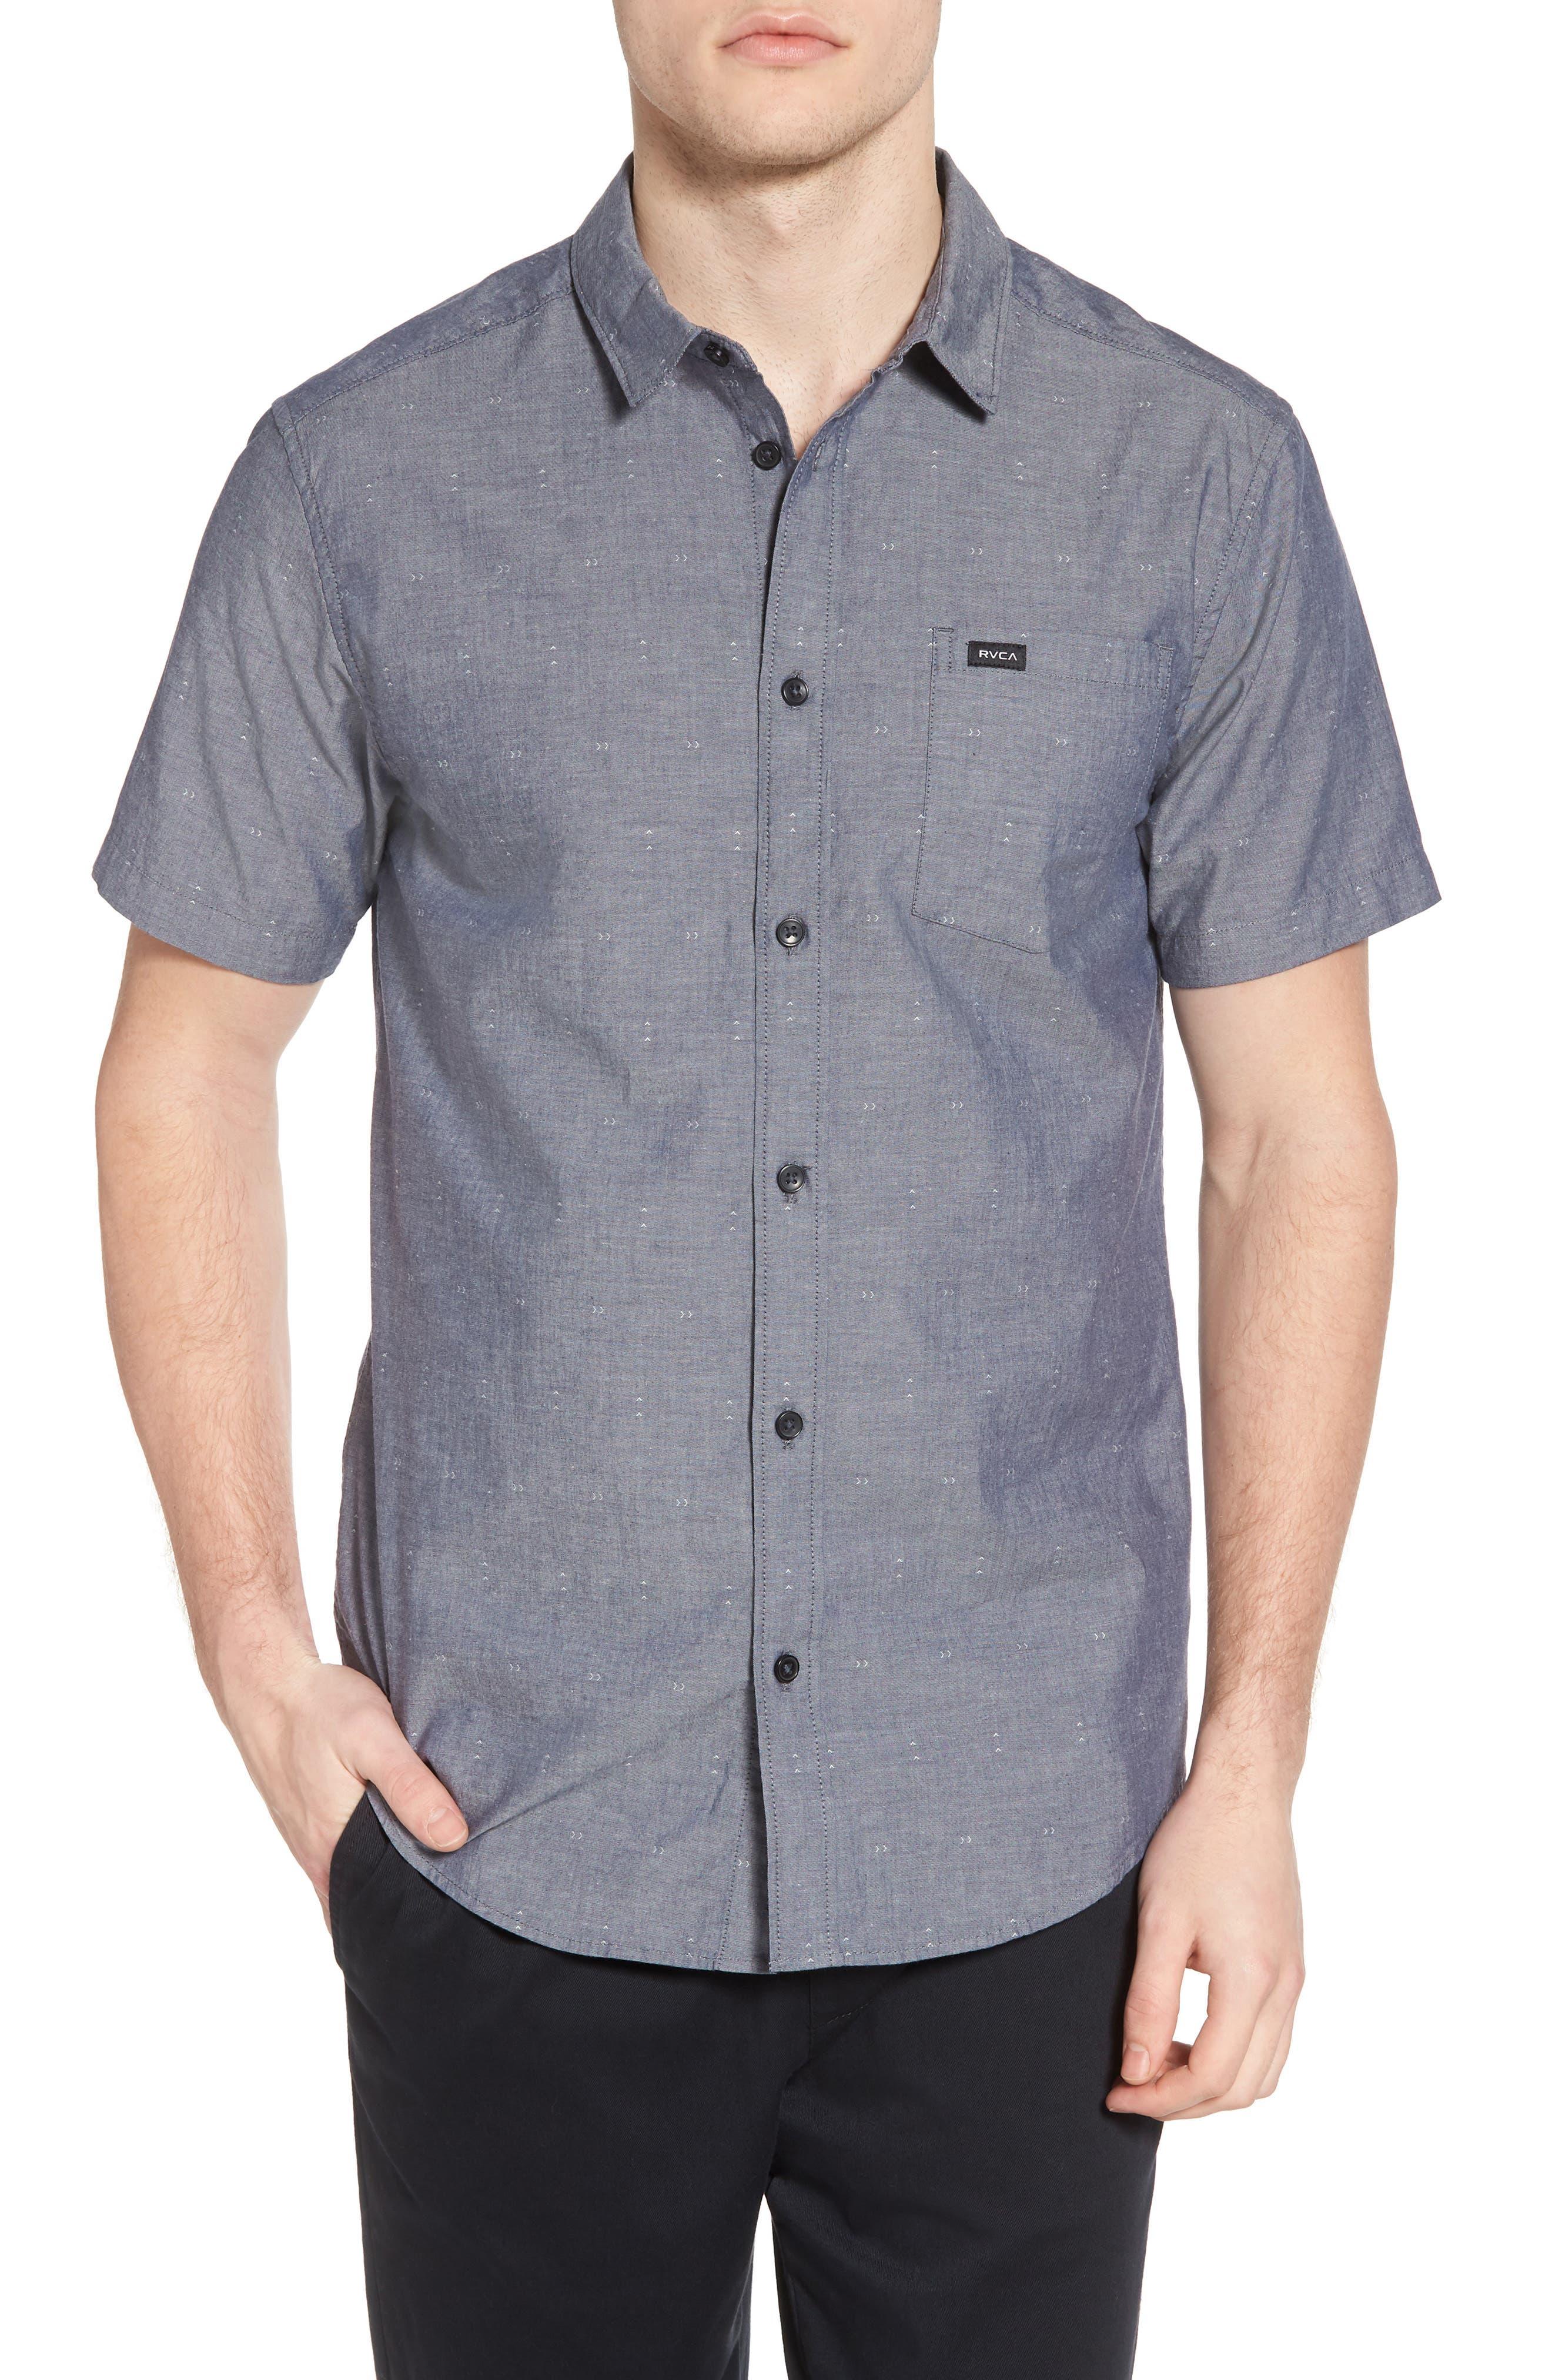 Arrows Woven Shirt,                         Main,                         color, Classic Indigo